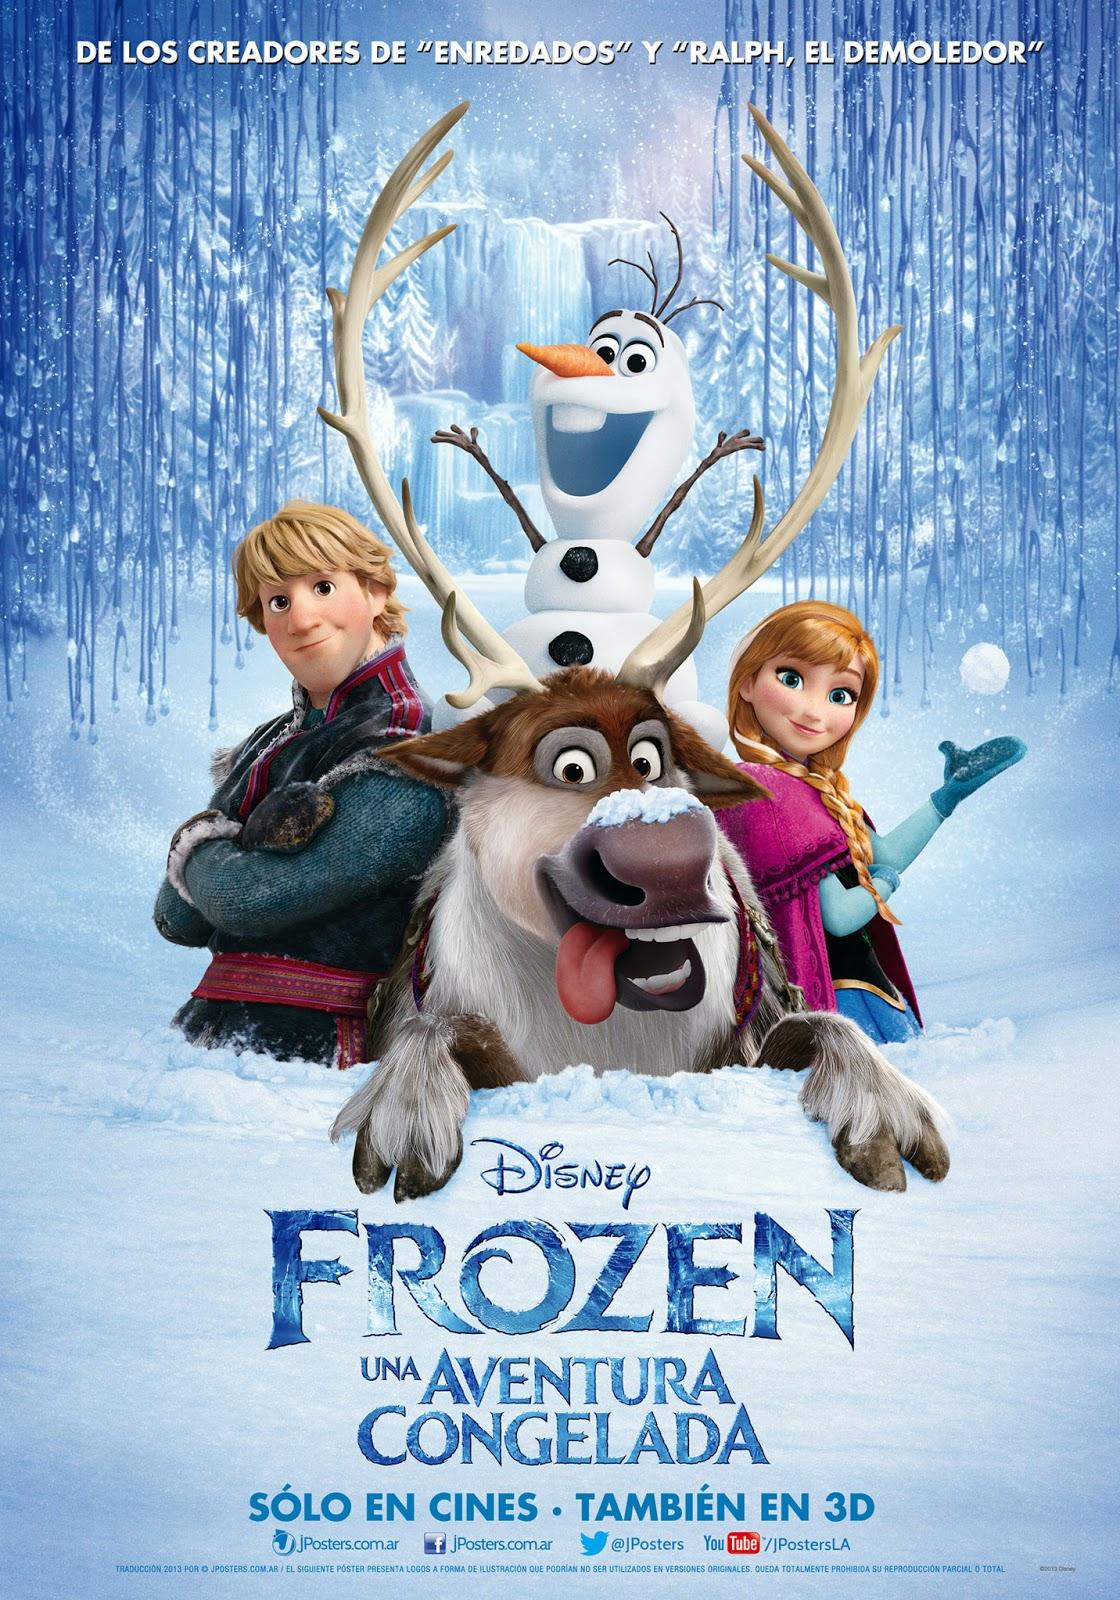 Imagen - Frozen-una-aventura-congelada-Pelicula-completa.jpg | Wiki ...